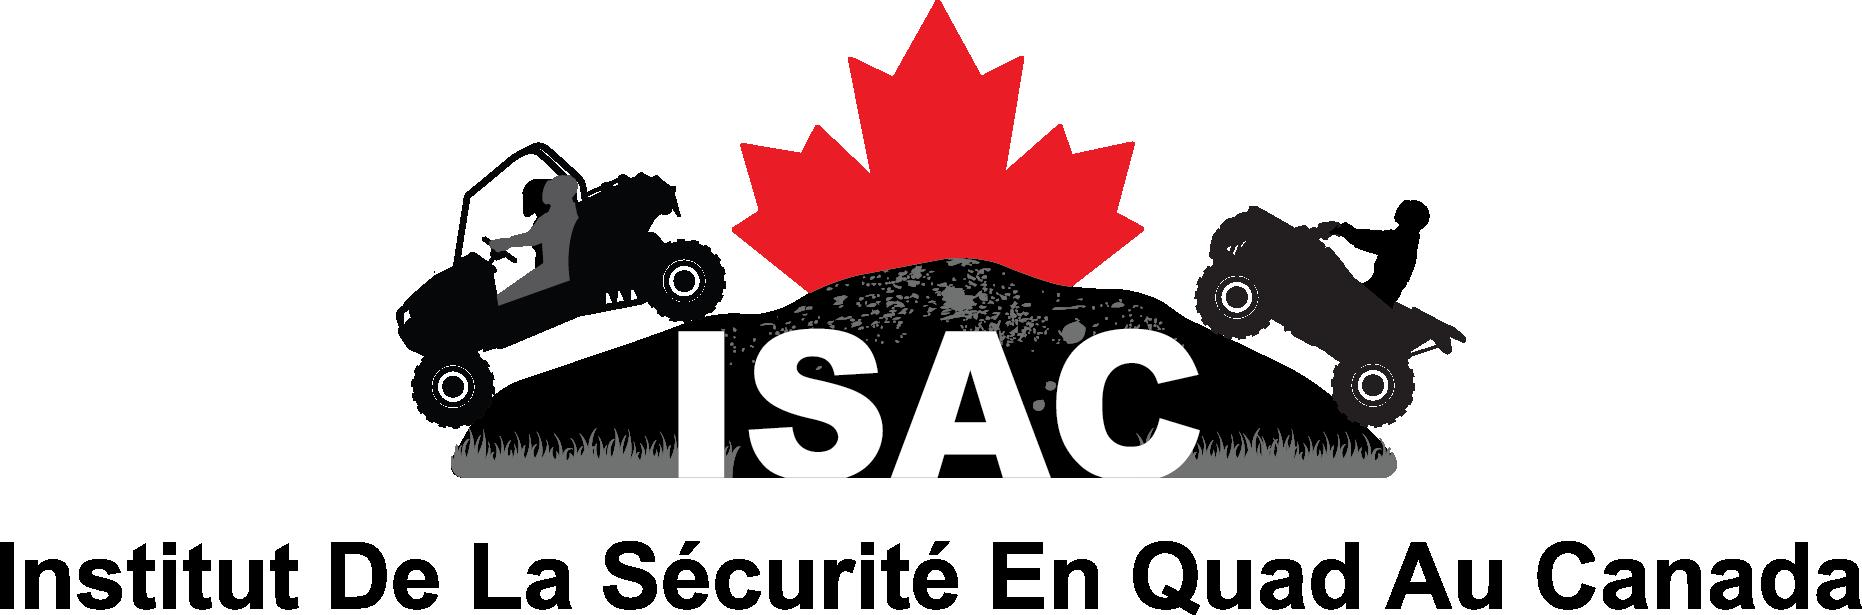 Institut de la sécurité en Quad au Canada